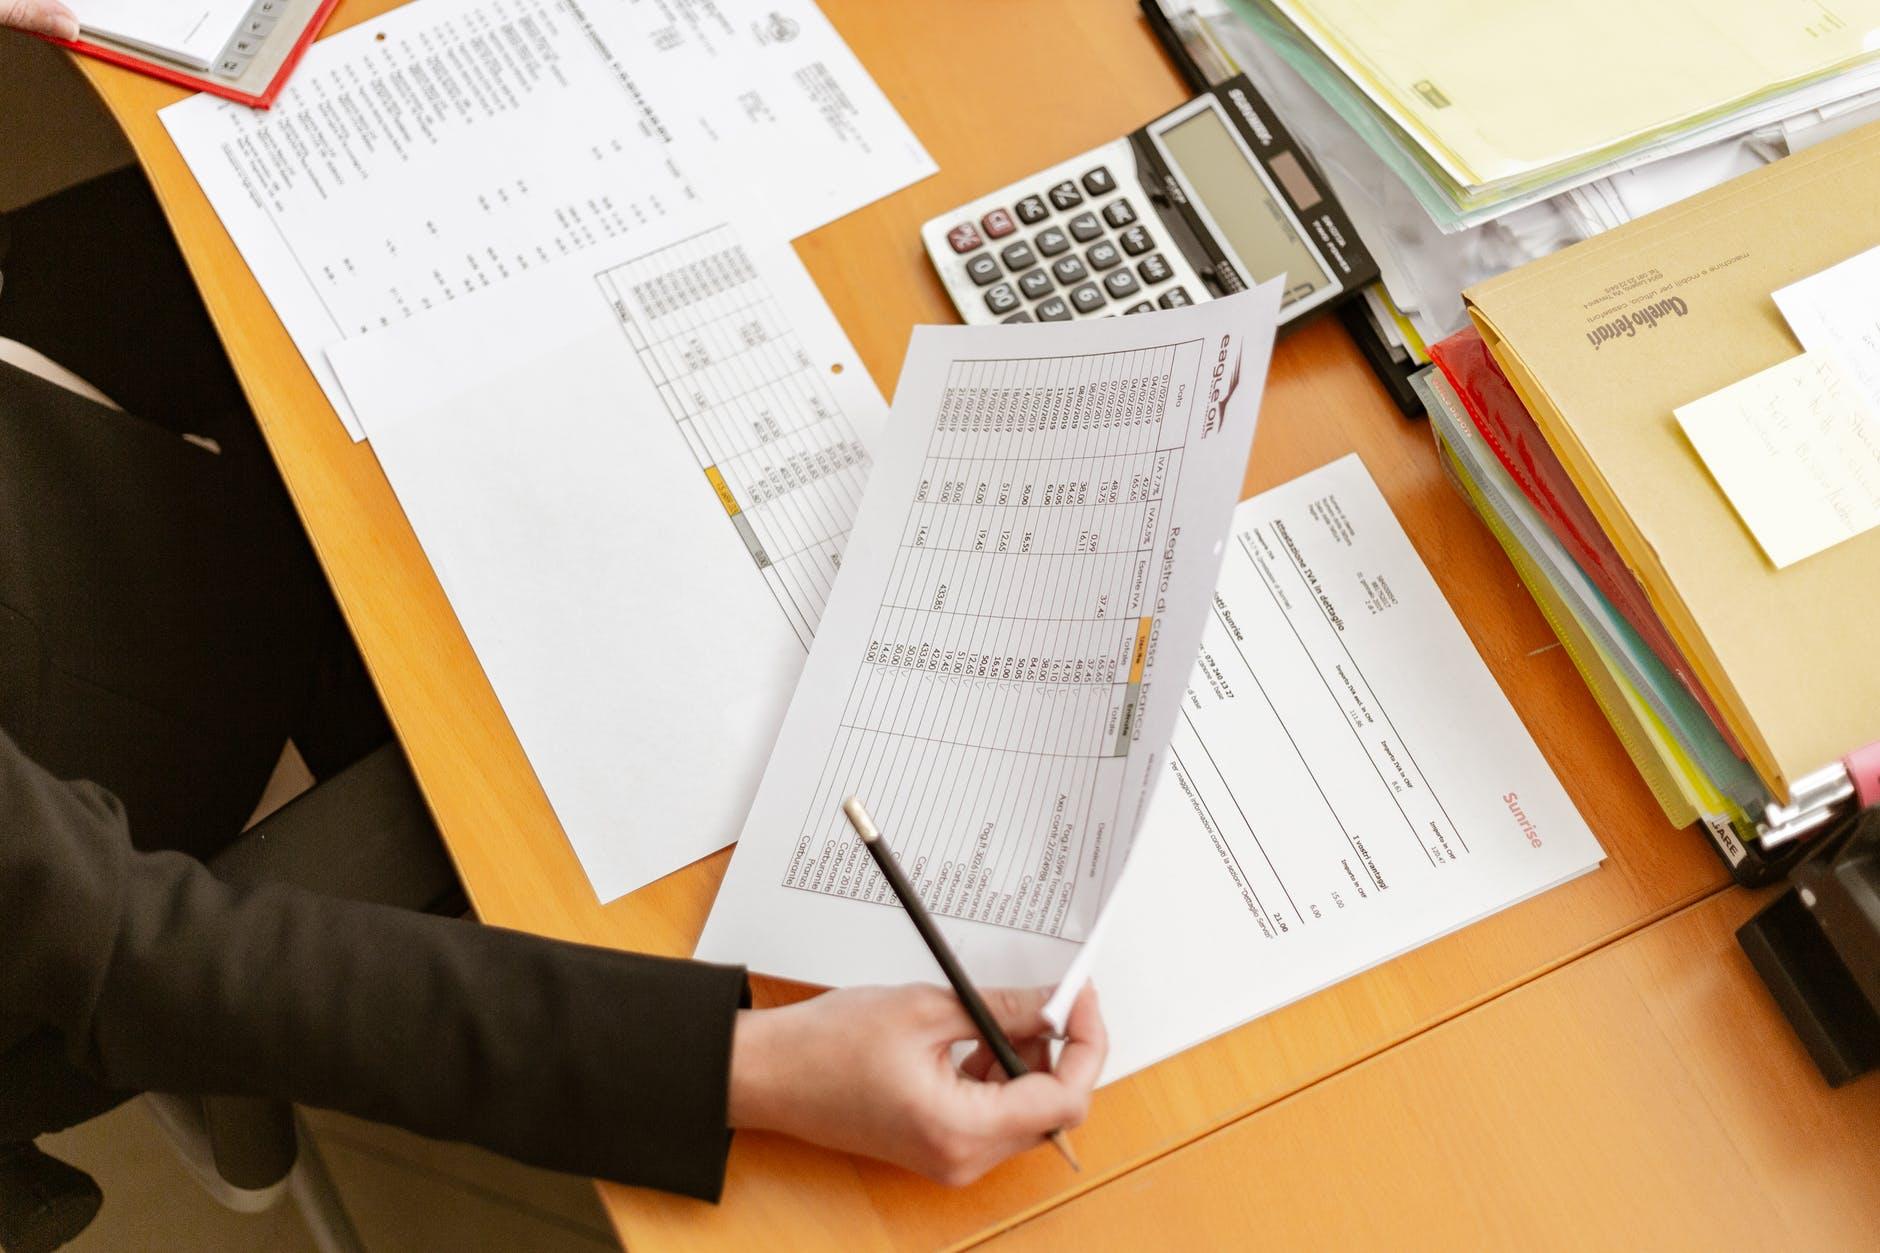 Panduan Cara Menghitung Investasi Reksa Dana Secara Manual